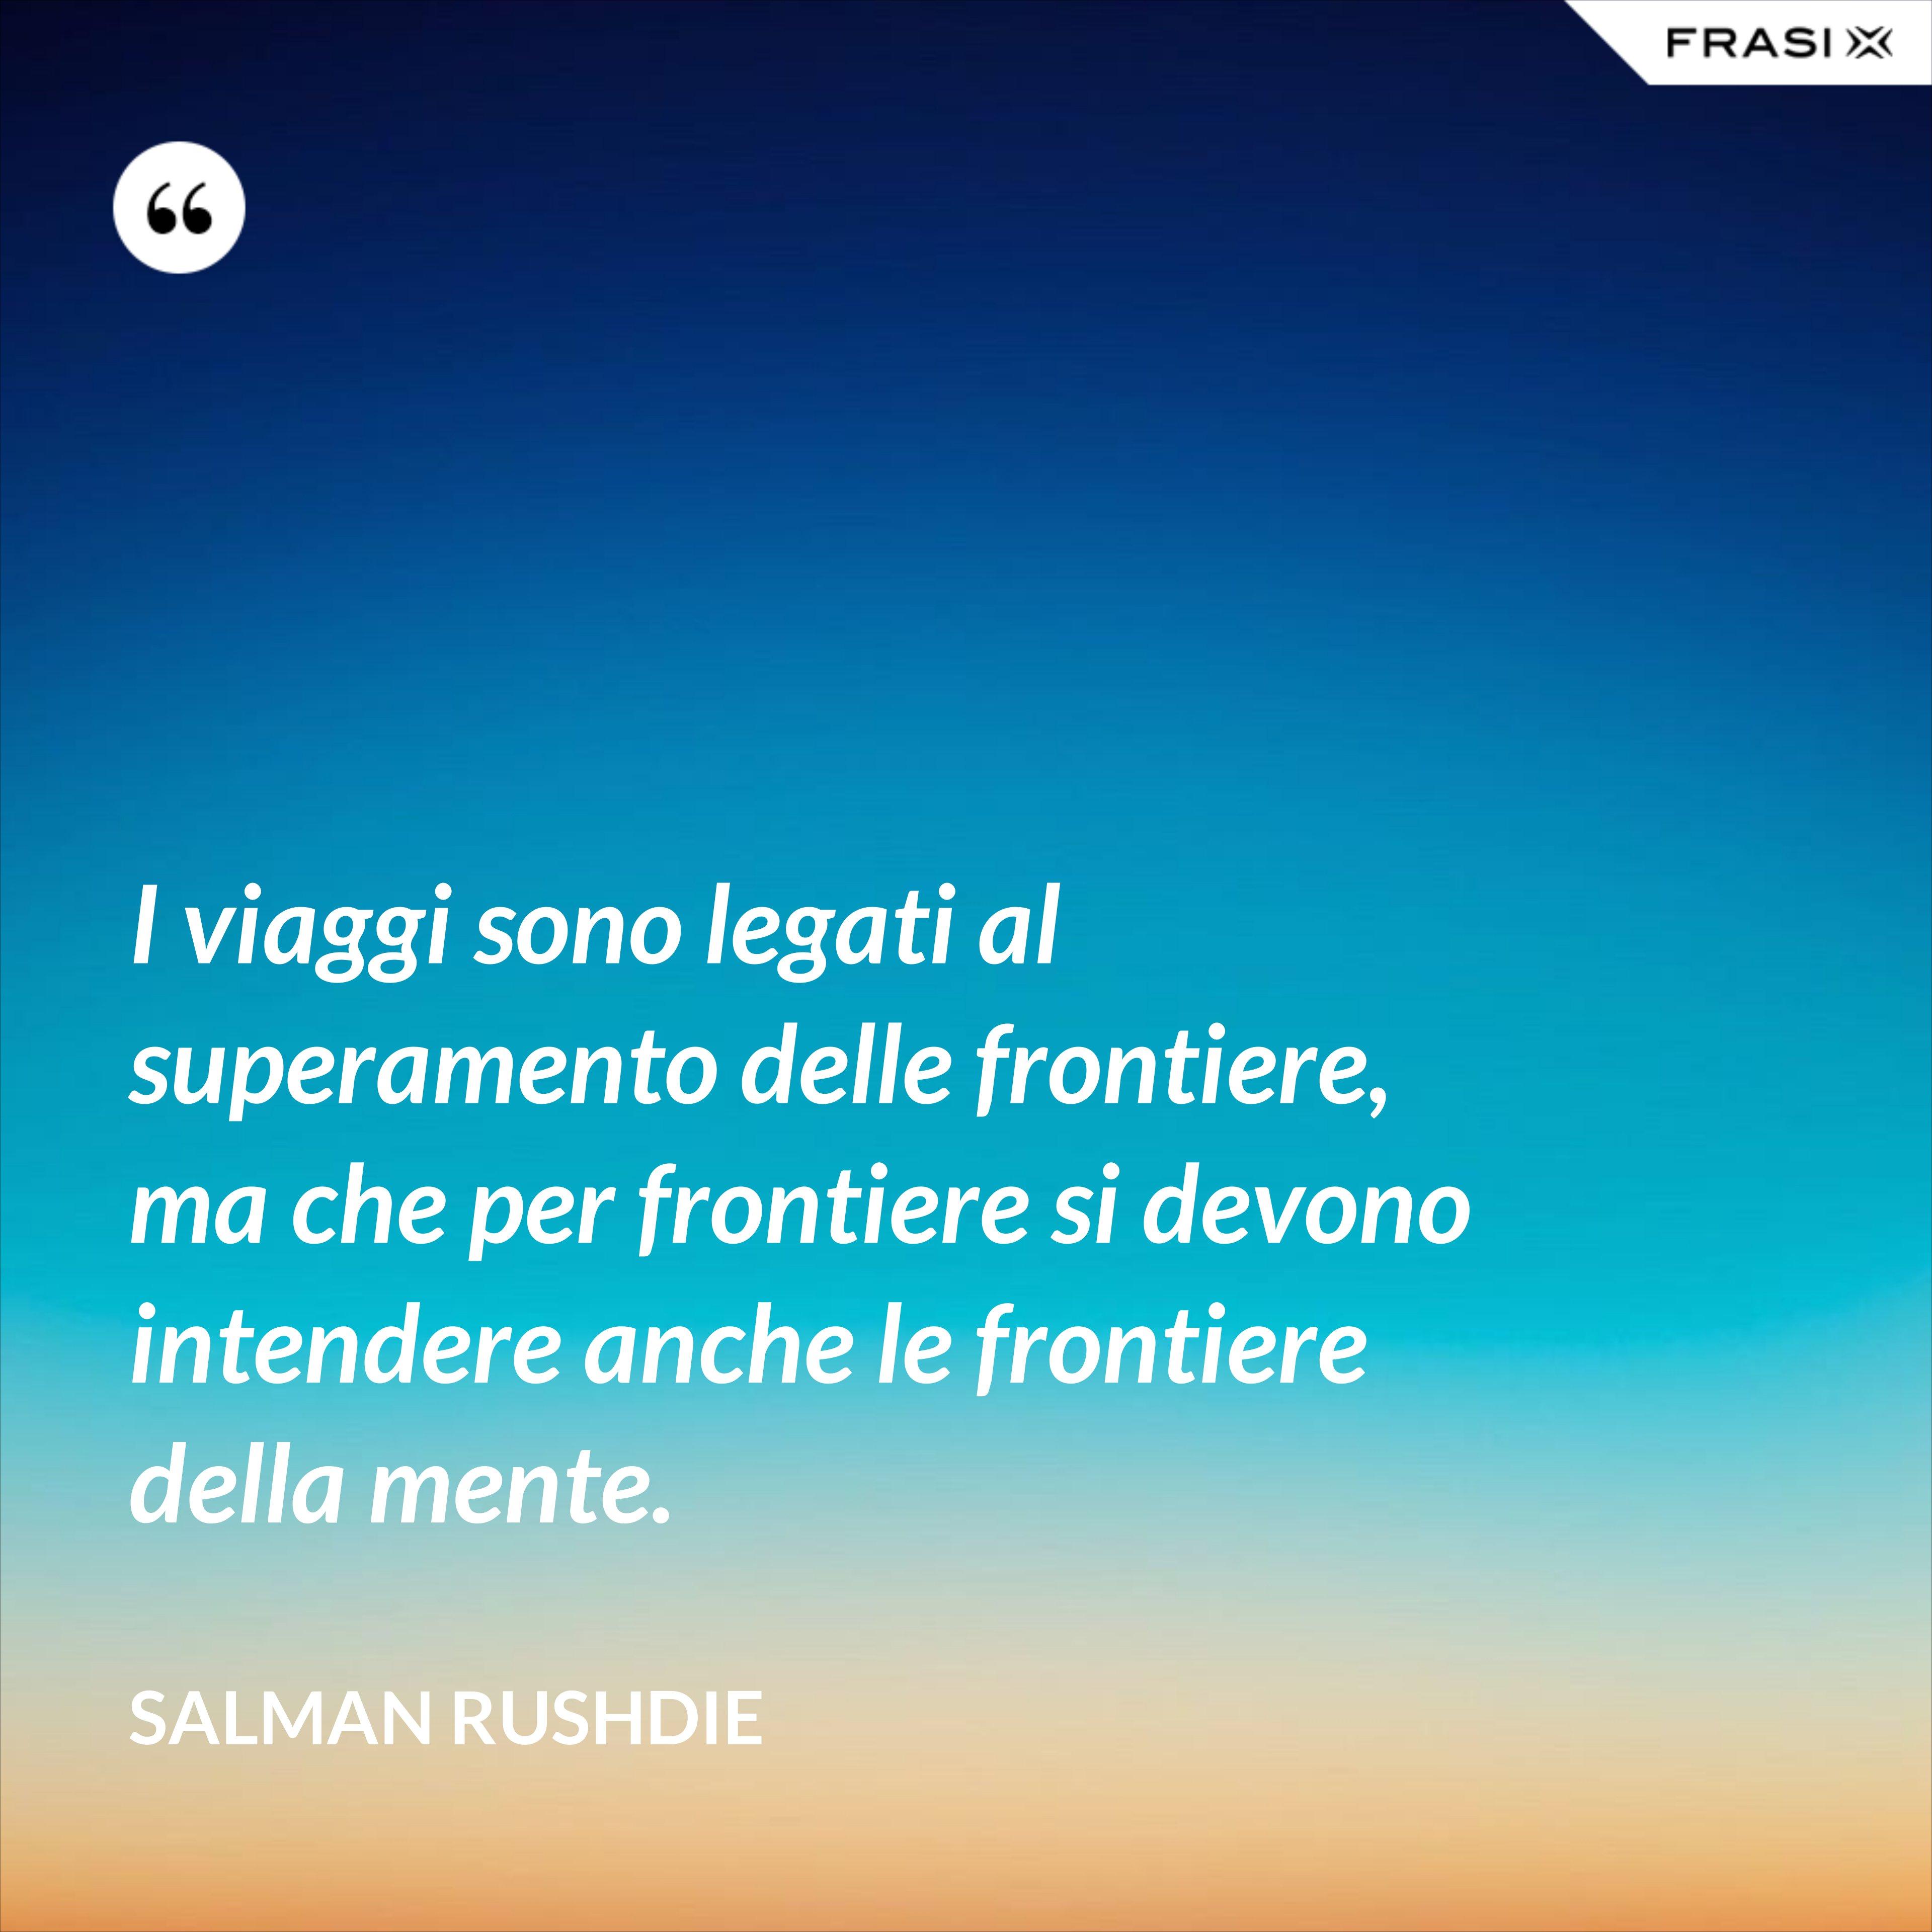 I viaggi sono legati al superamento delle frontiere, ma che per frontiere si devono intendere anche le frontiere della mente. - Salman Rushdie